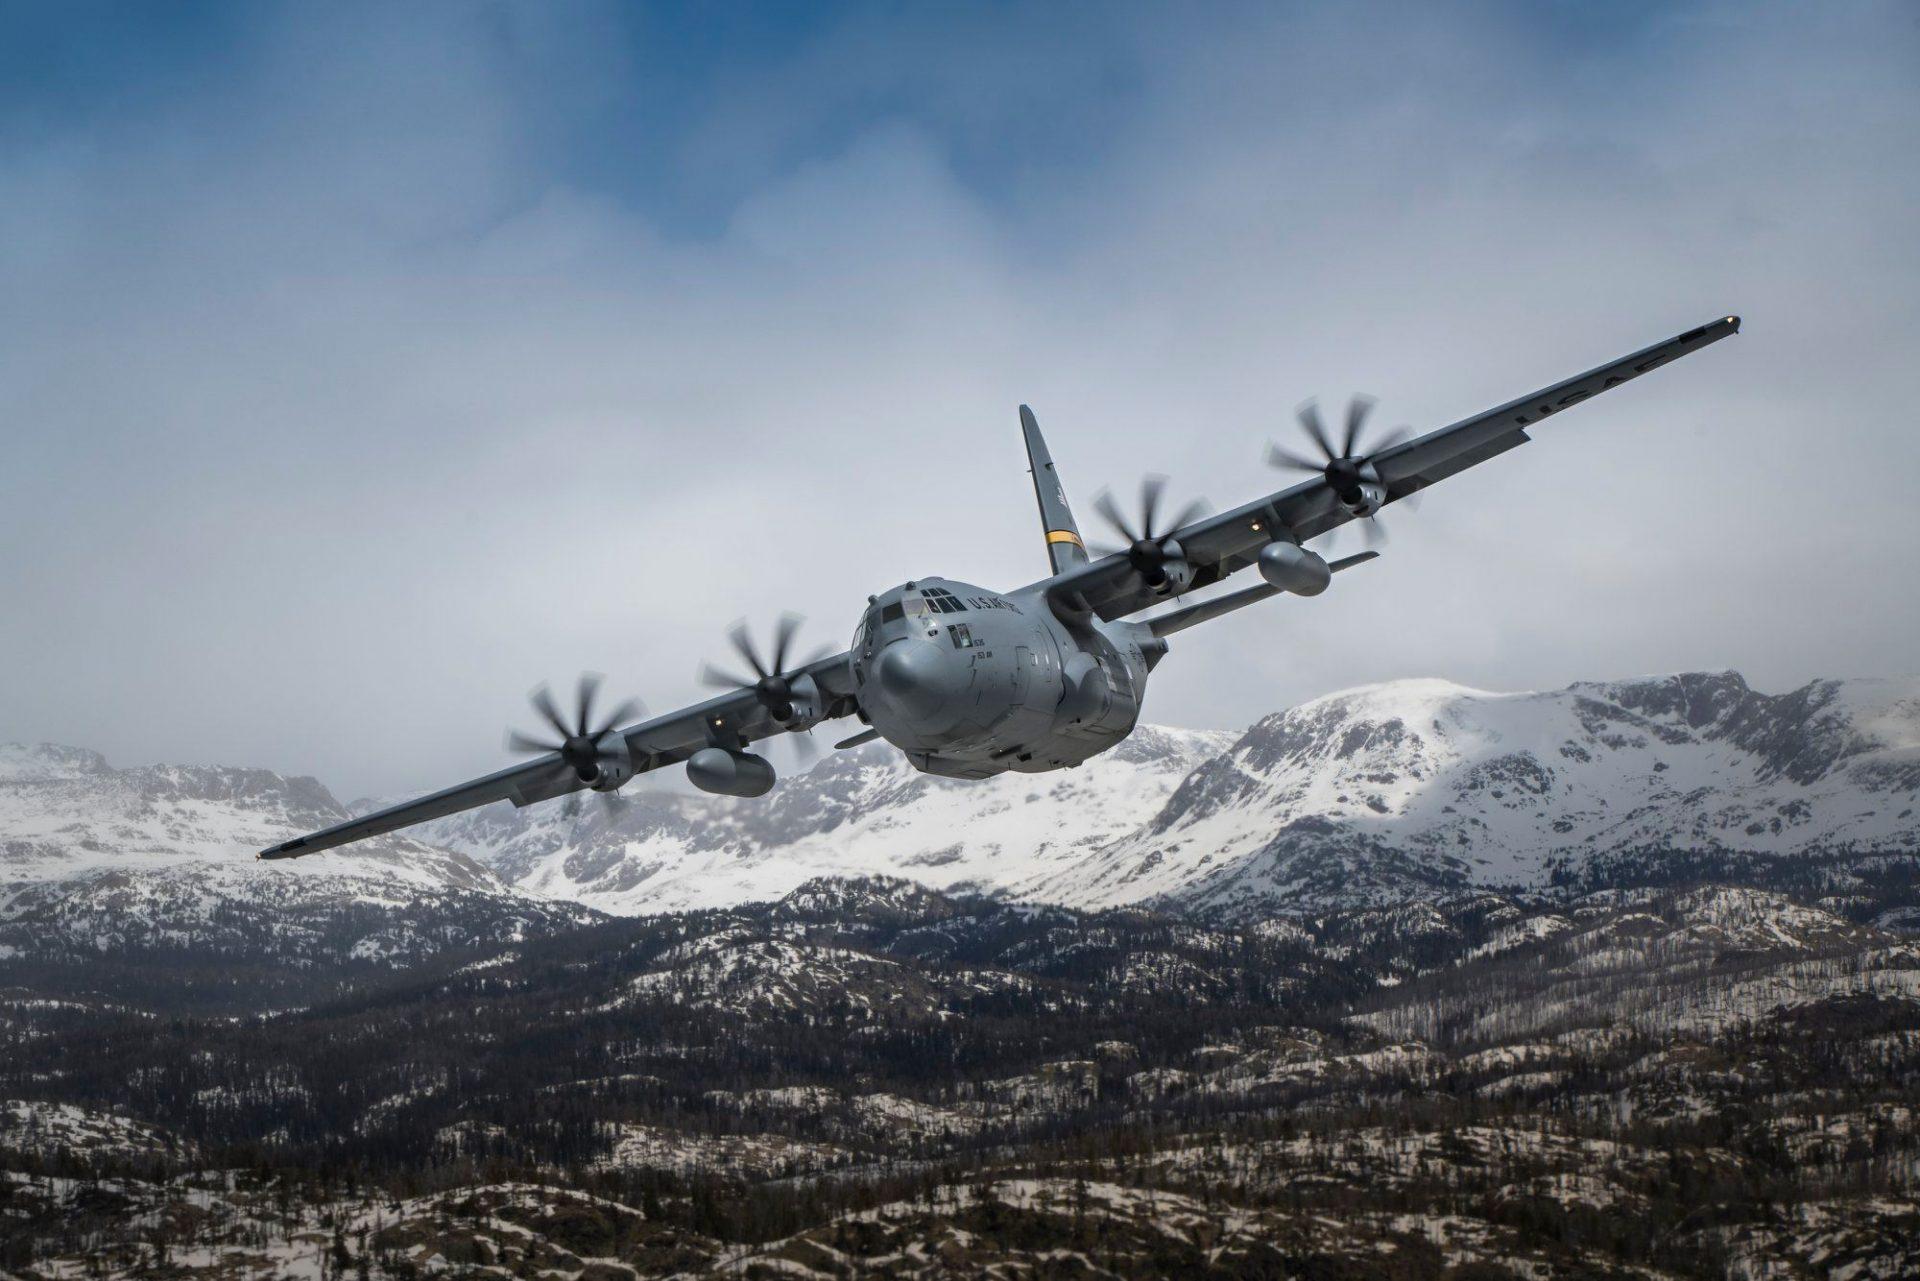 C130 flyover may 15 2020